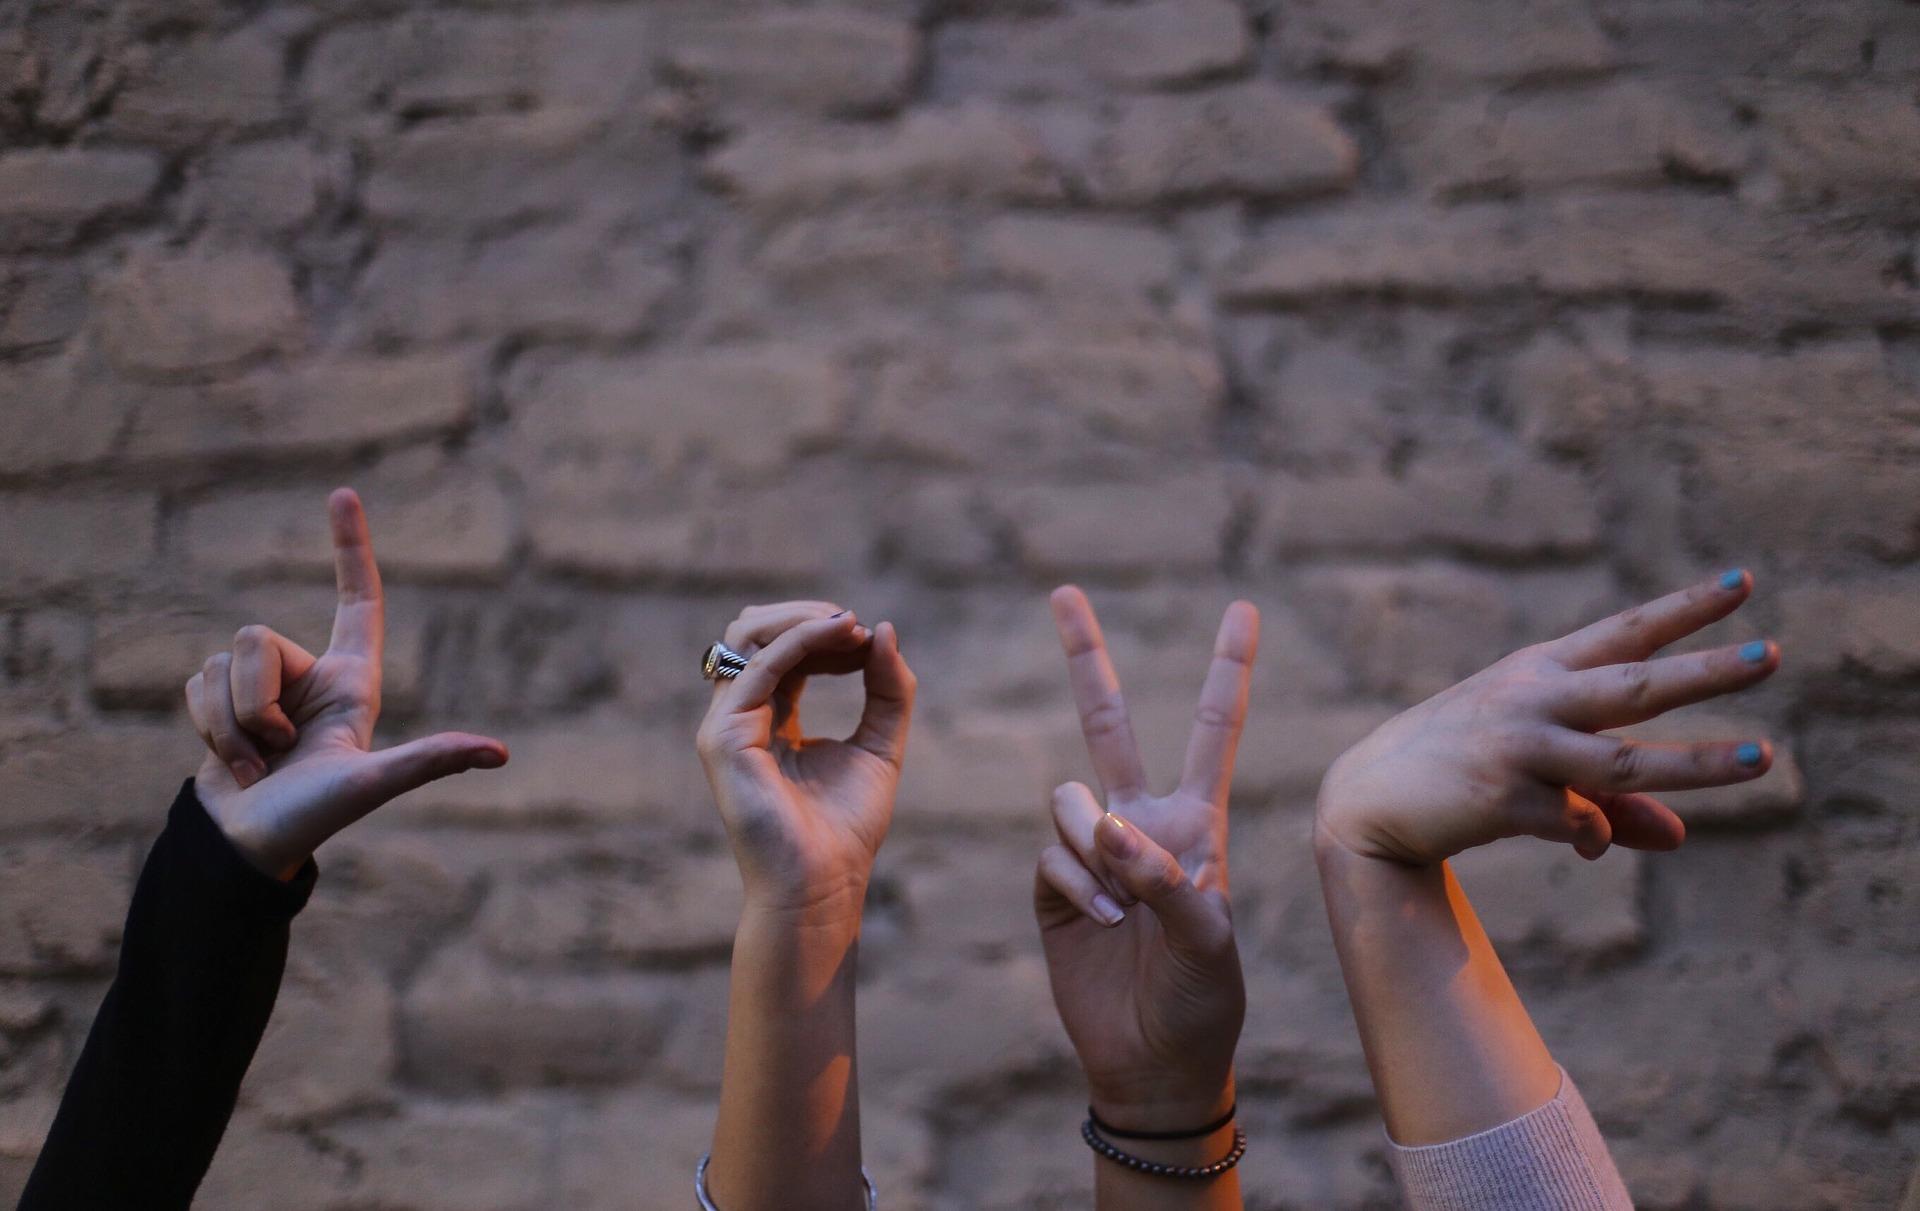 Fyra händer mot en suddig tegelvägg i bakgrunden. Händerna formar ordet LOVE, kärlek på engelska